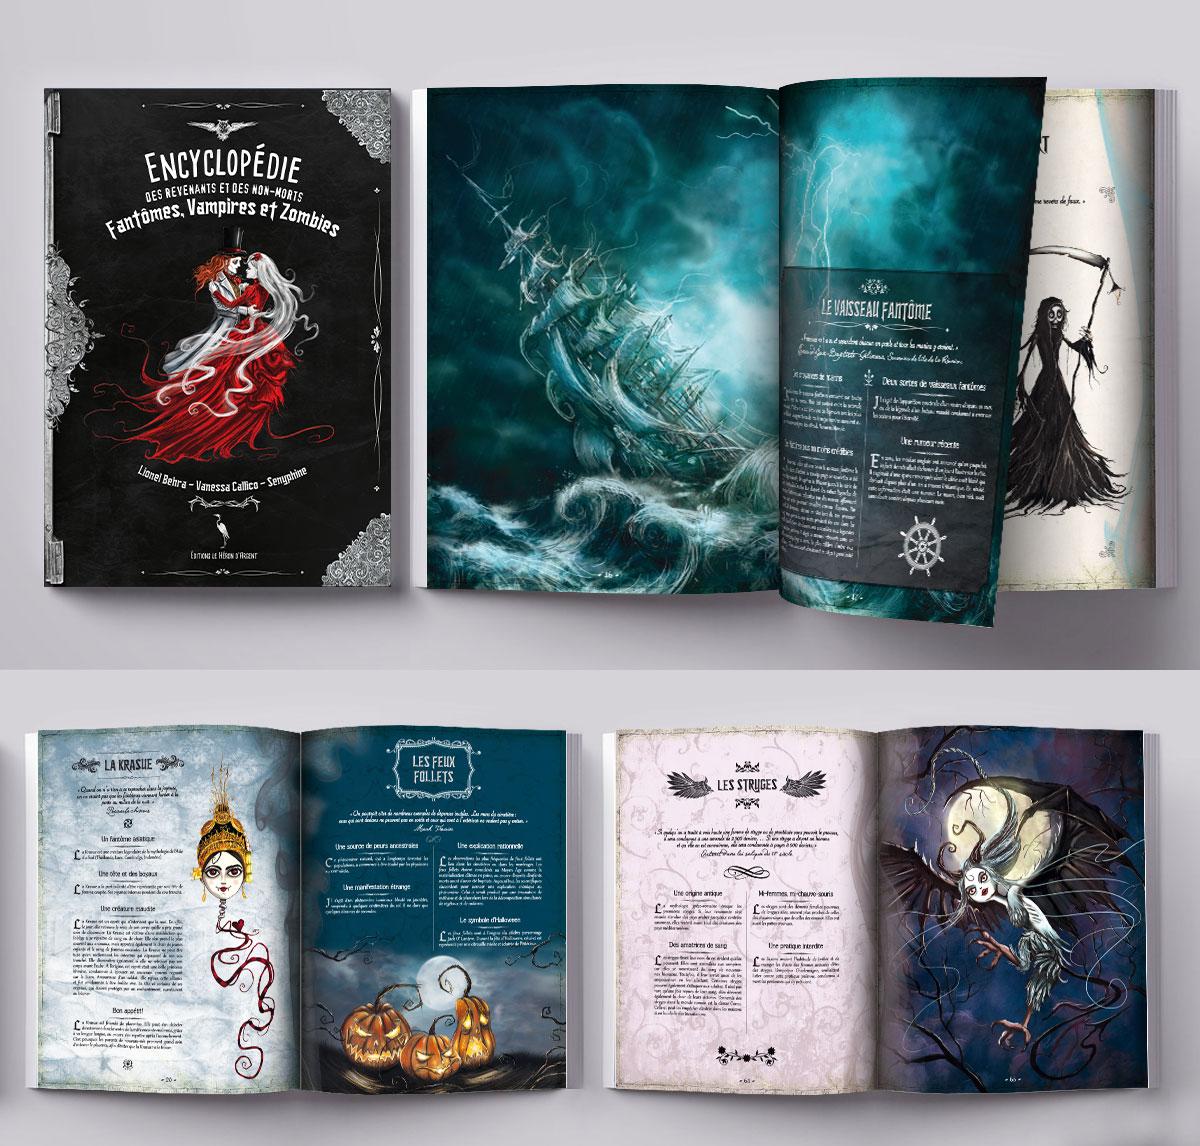 Infographiste indépendant, création et mise en page de livres encyclopédies jeunesse sur les fantômes